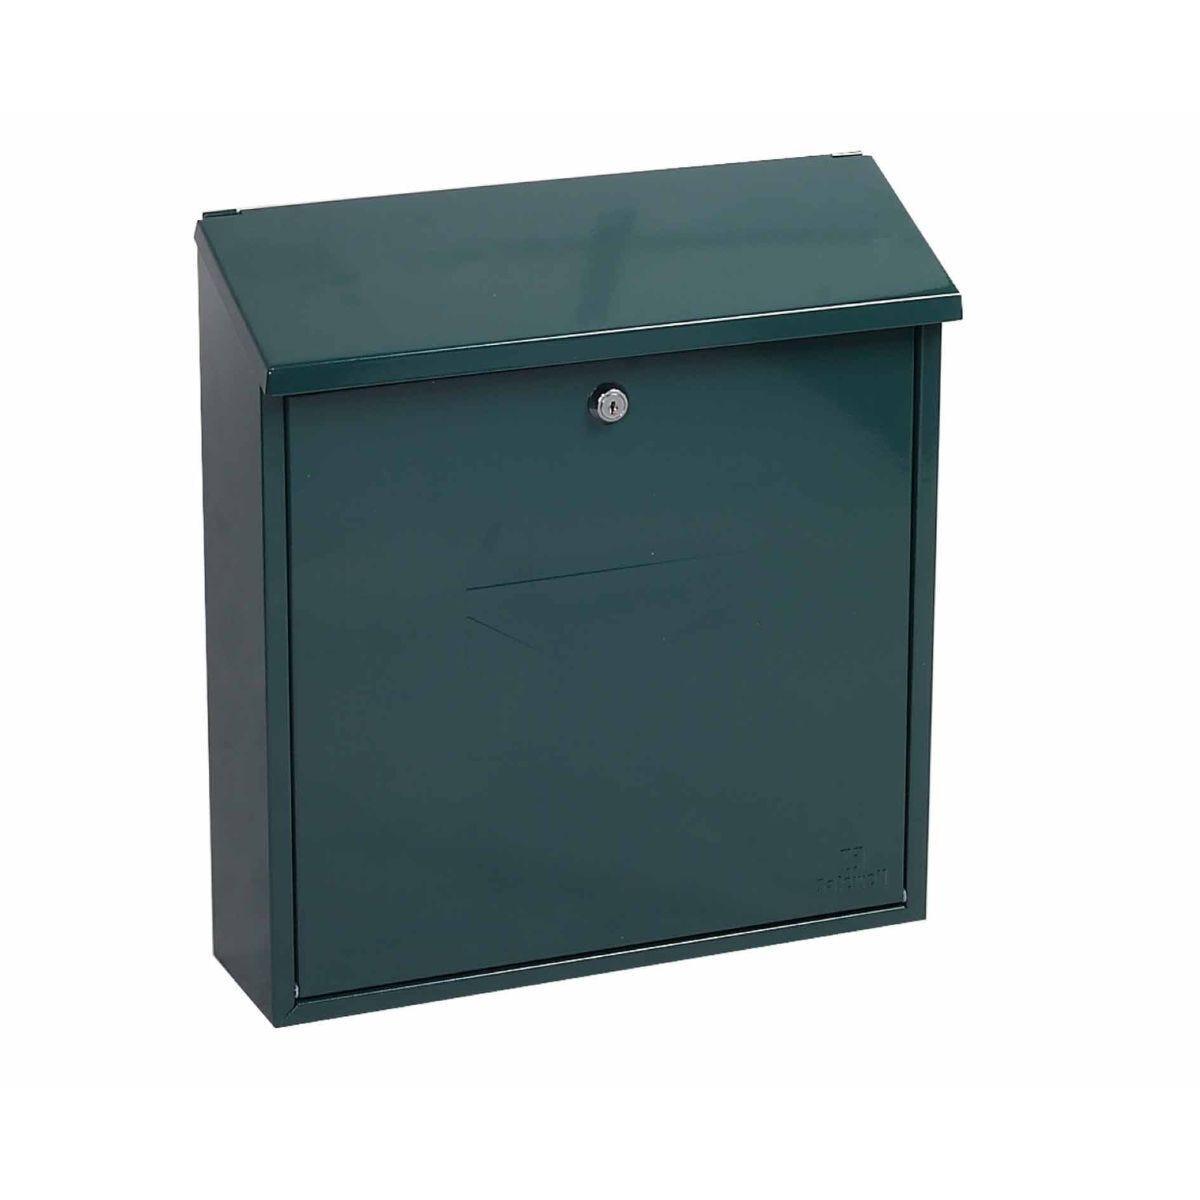 Phoenix Casa MB0111KB Top Loading Mailbox with Key Lock Green